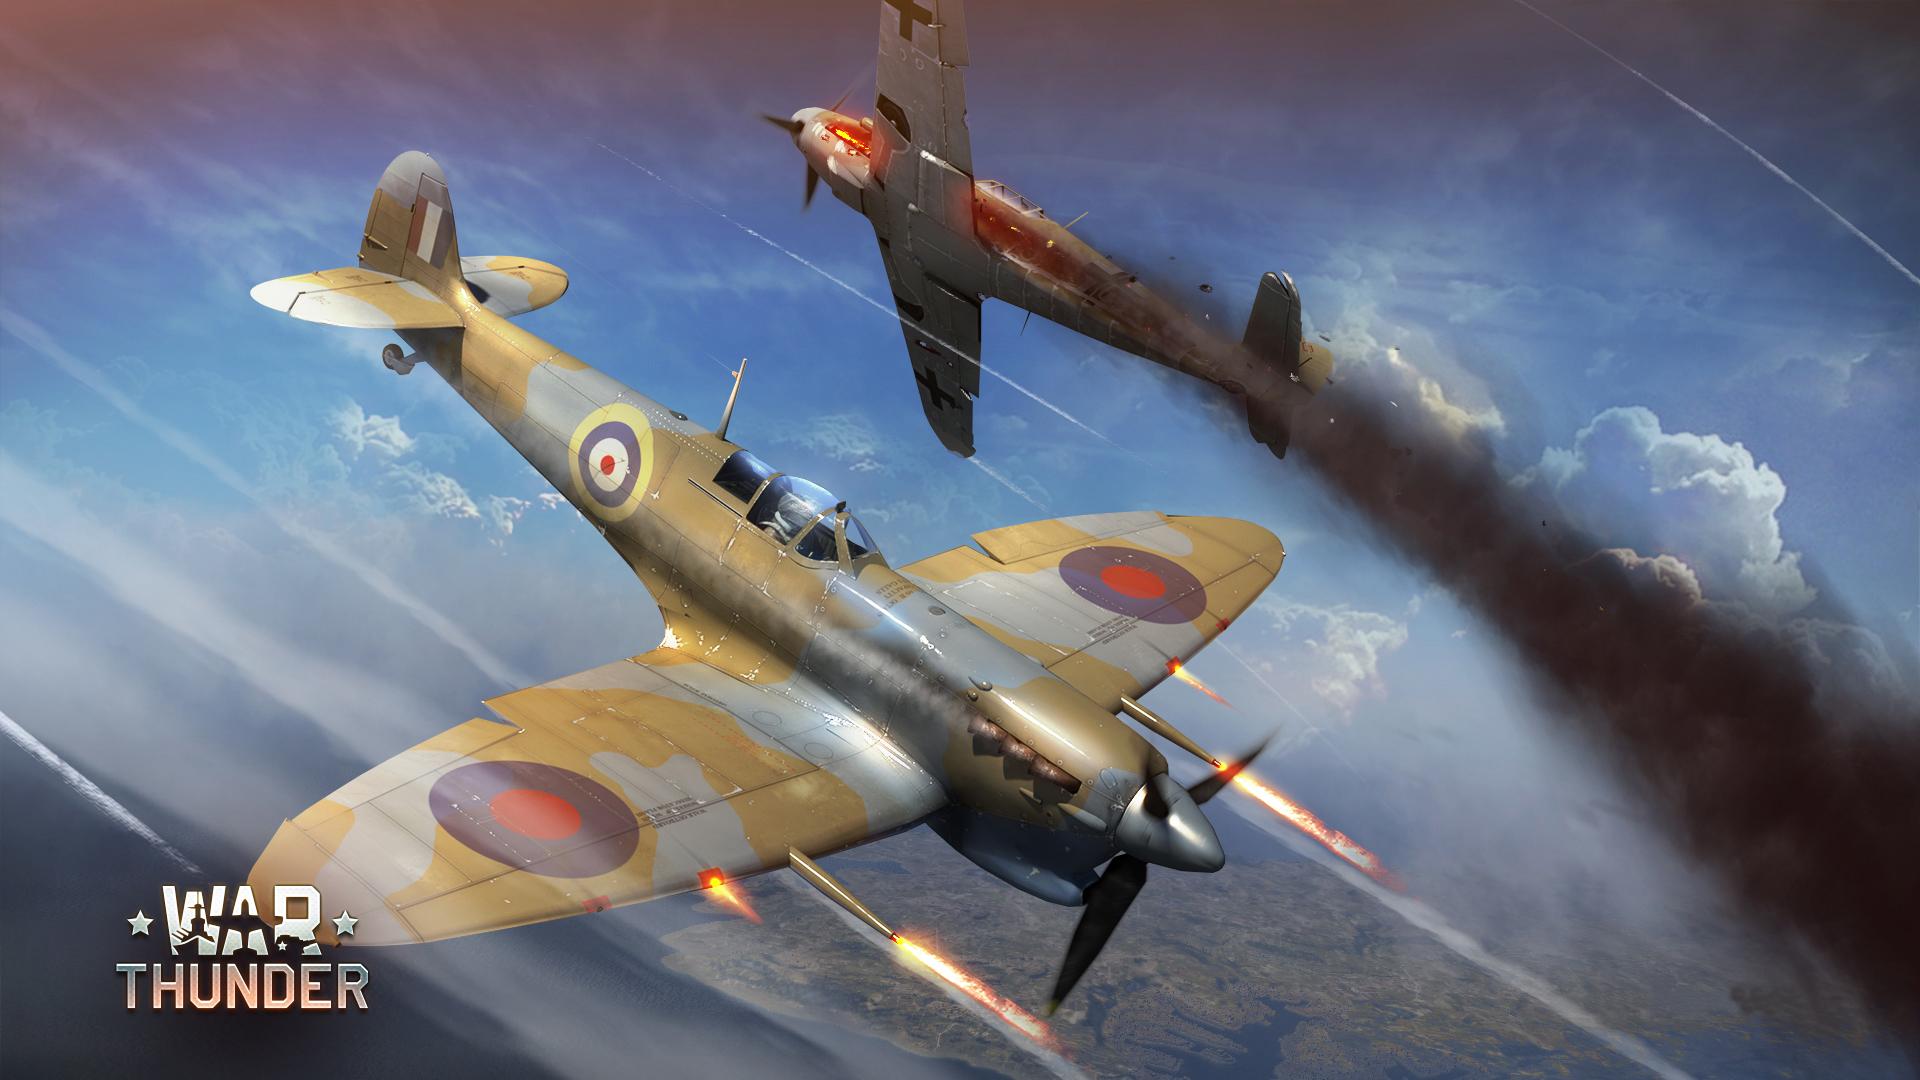 Fondos De Pantalla 1920x1080 War Thunder Avión De Caza